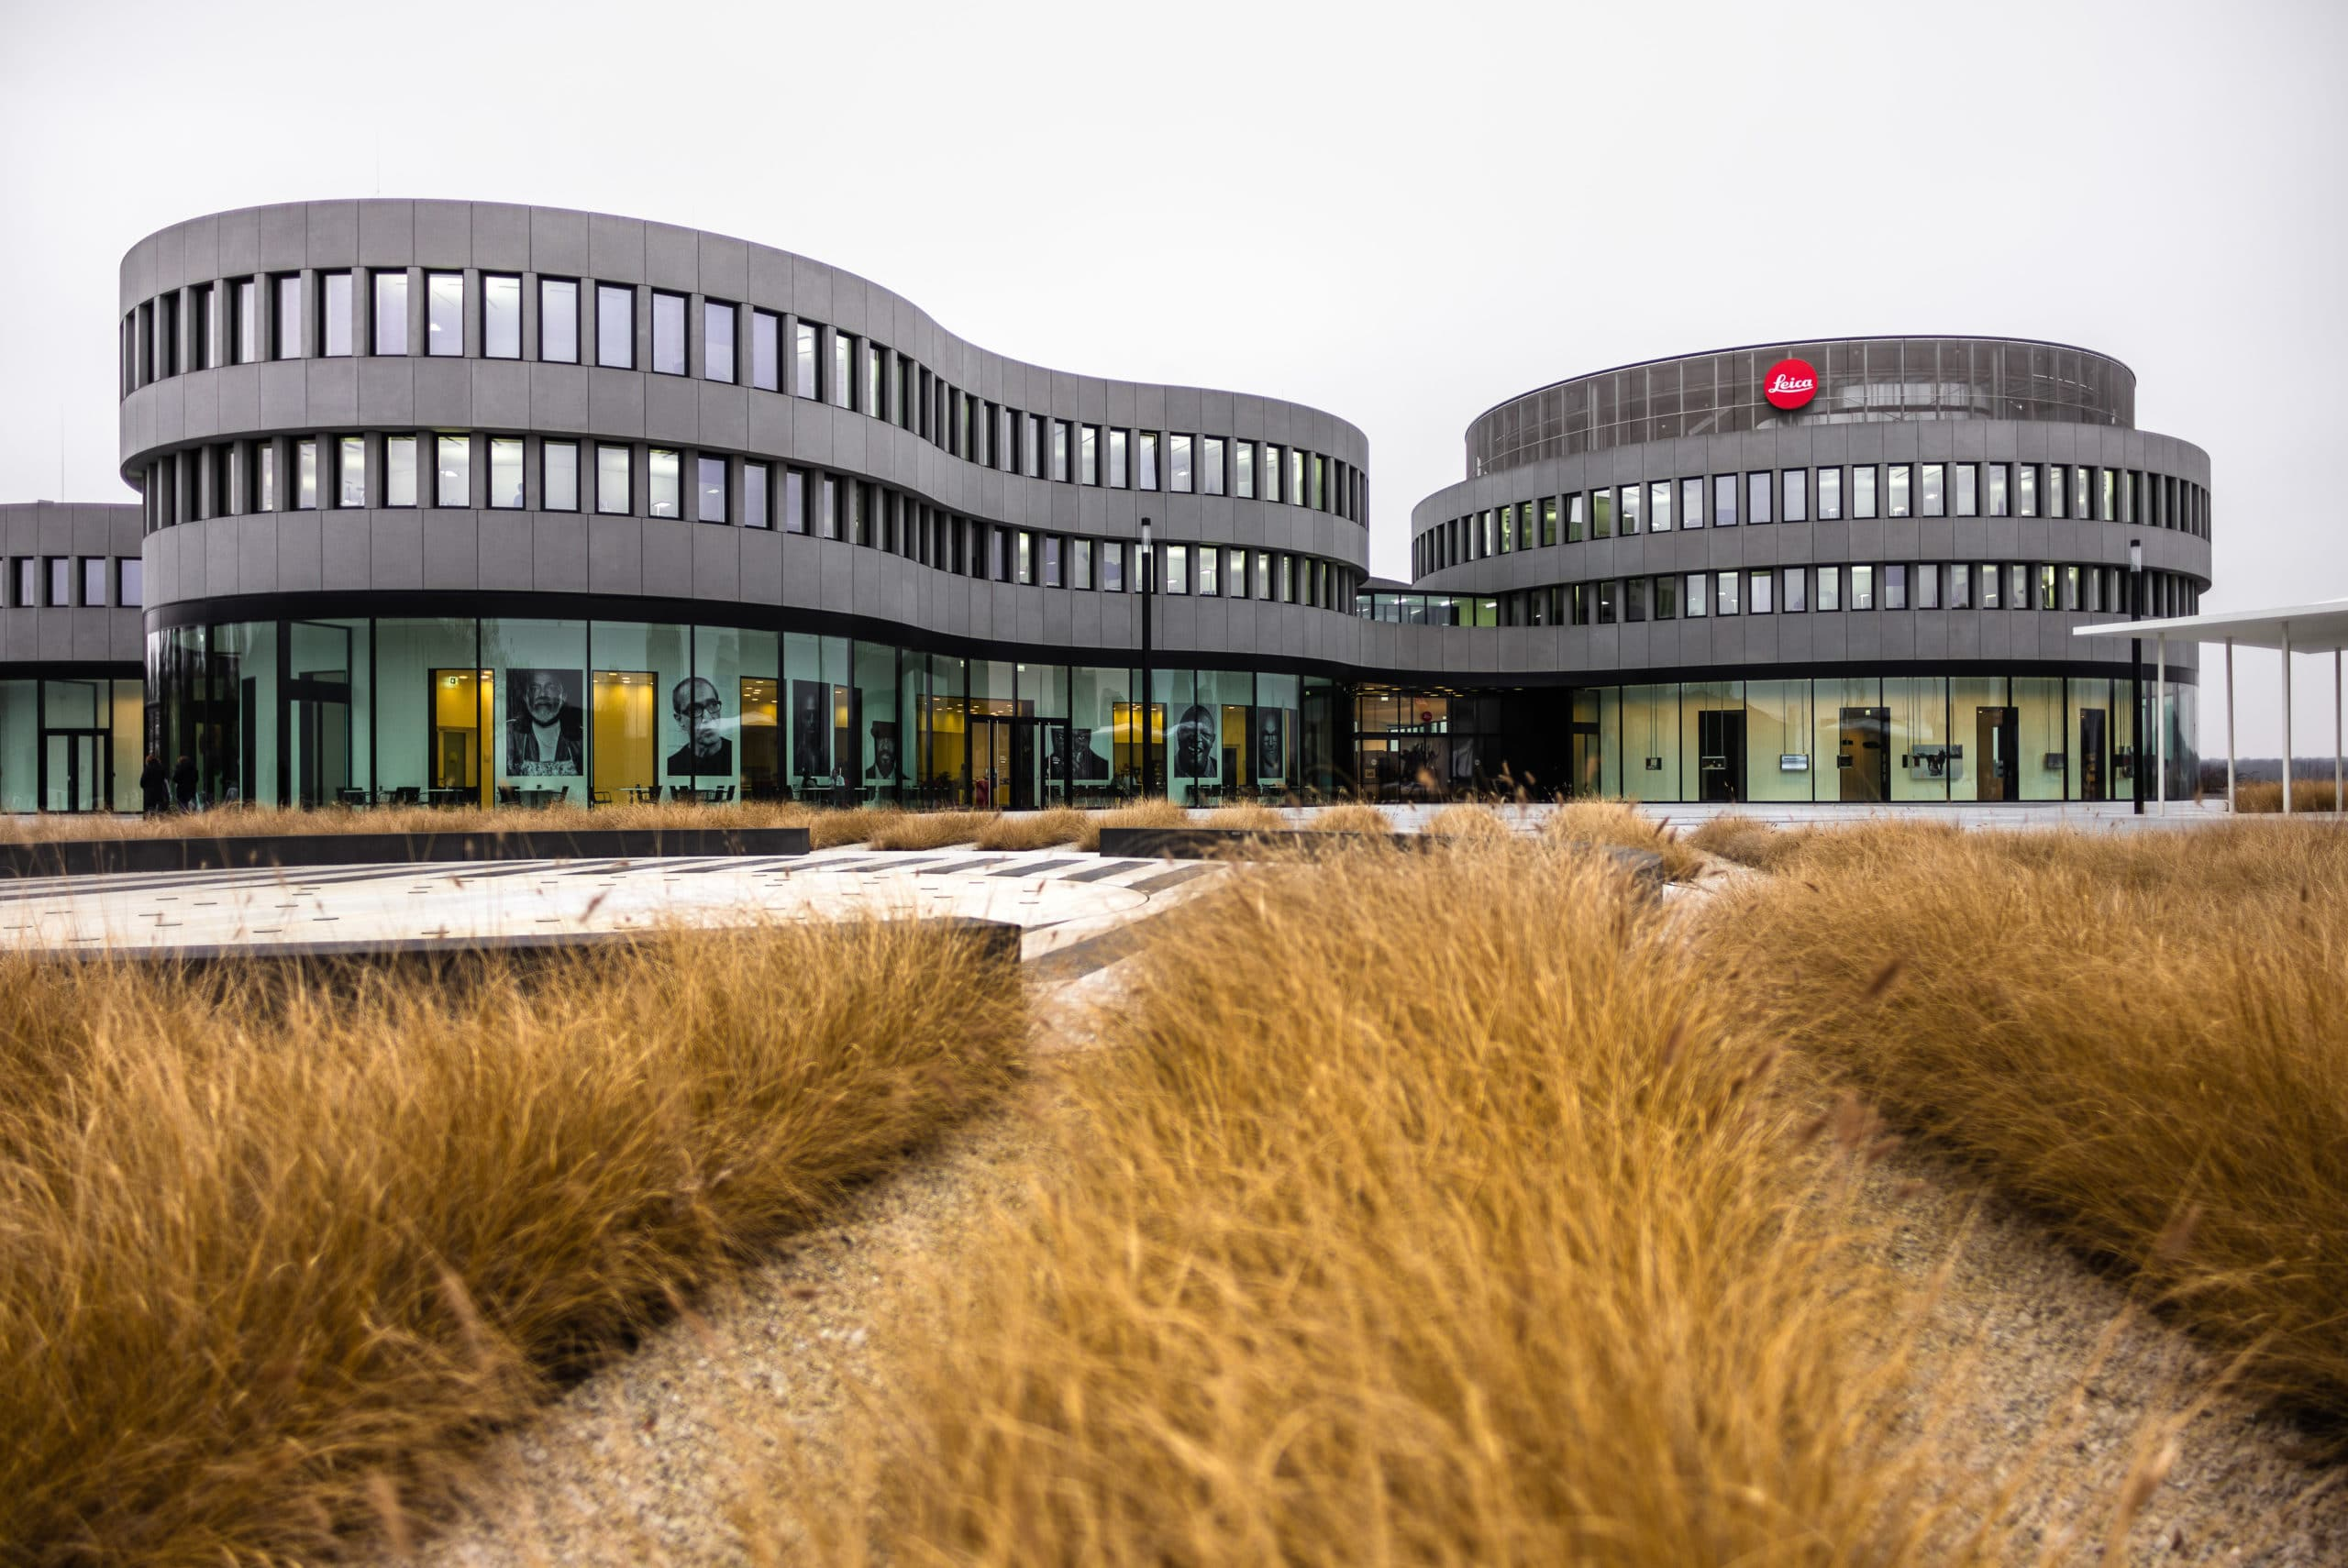 Frontale Architekturaufnahme vom Leitz Park Leica | Architektur Fotograf in der Region Osnabrück Münster Bielefeld